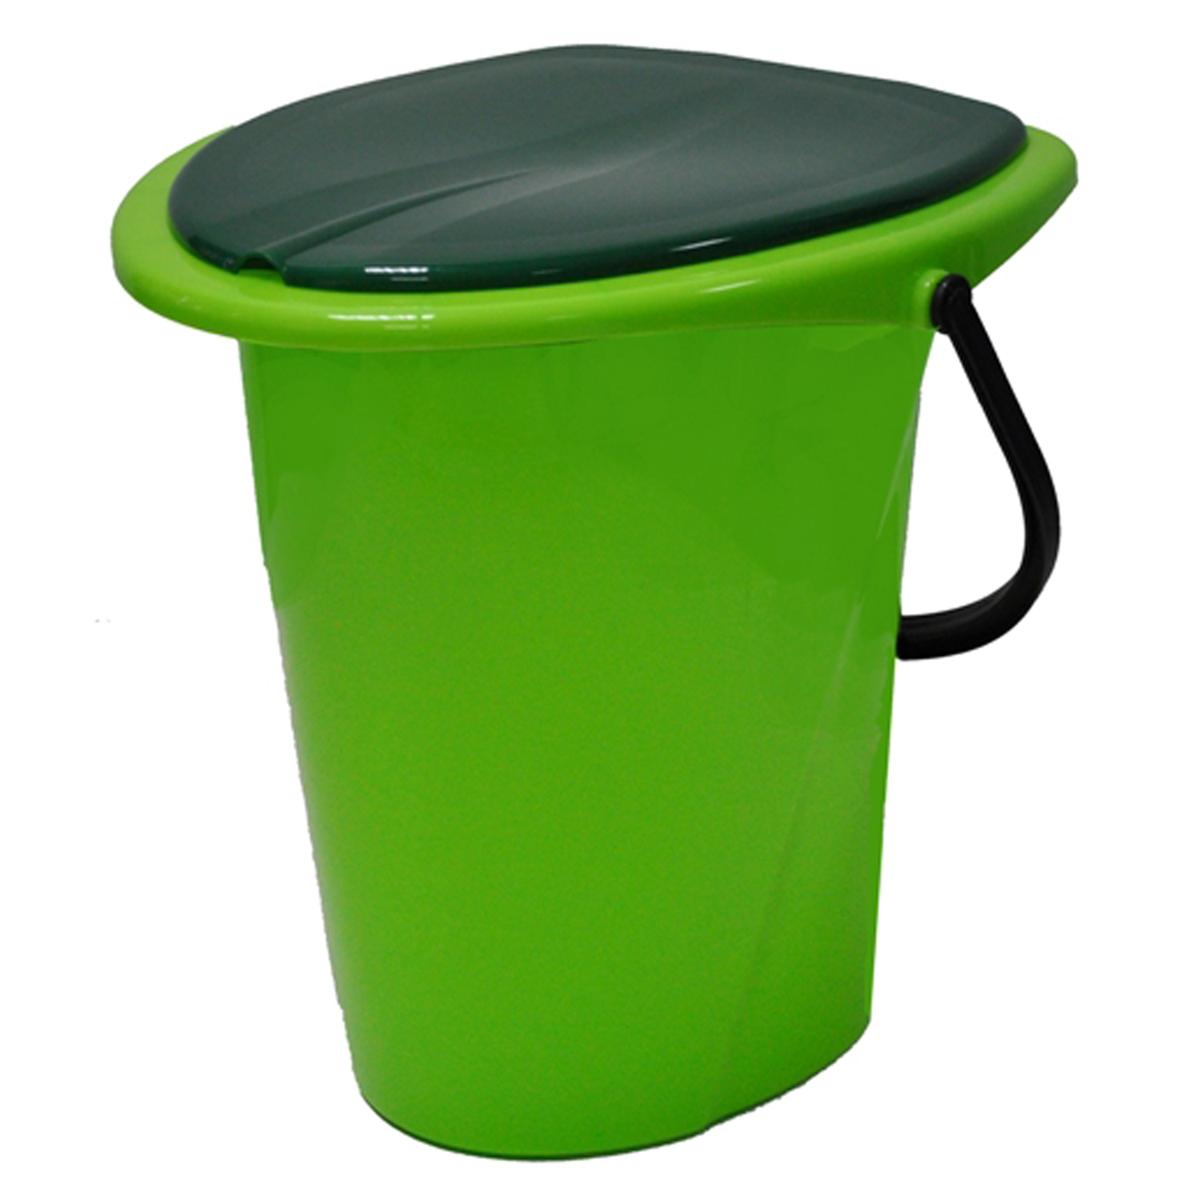 Ведро-туалет InGreen, цвет: зеленый, салатовый, 17 лING30001СЛ-7РSВедро-туалет InGreen выполнено из пластика. Это незаменимая вещь на даче, а также для пожилых людей и людей с ограниченными возможностями. Устойчивое и высокое ведро удобно в использовании. Ведро-туалет имеет эргономичное съемное сиденье - это позволит легко его мыть и сушить отдельно. Ведро снабжено крышкой, что препятствует распространению неприятных запахов. Прочный пластик выдержит даже людей с большим весом.